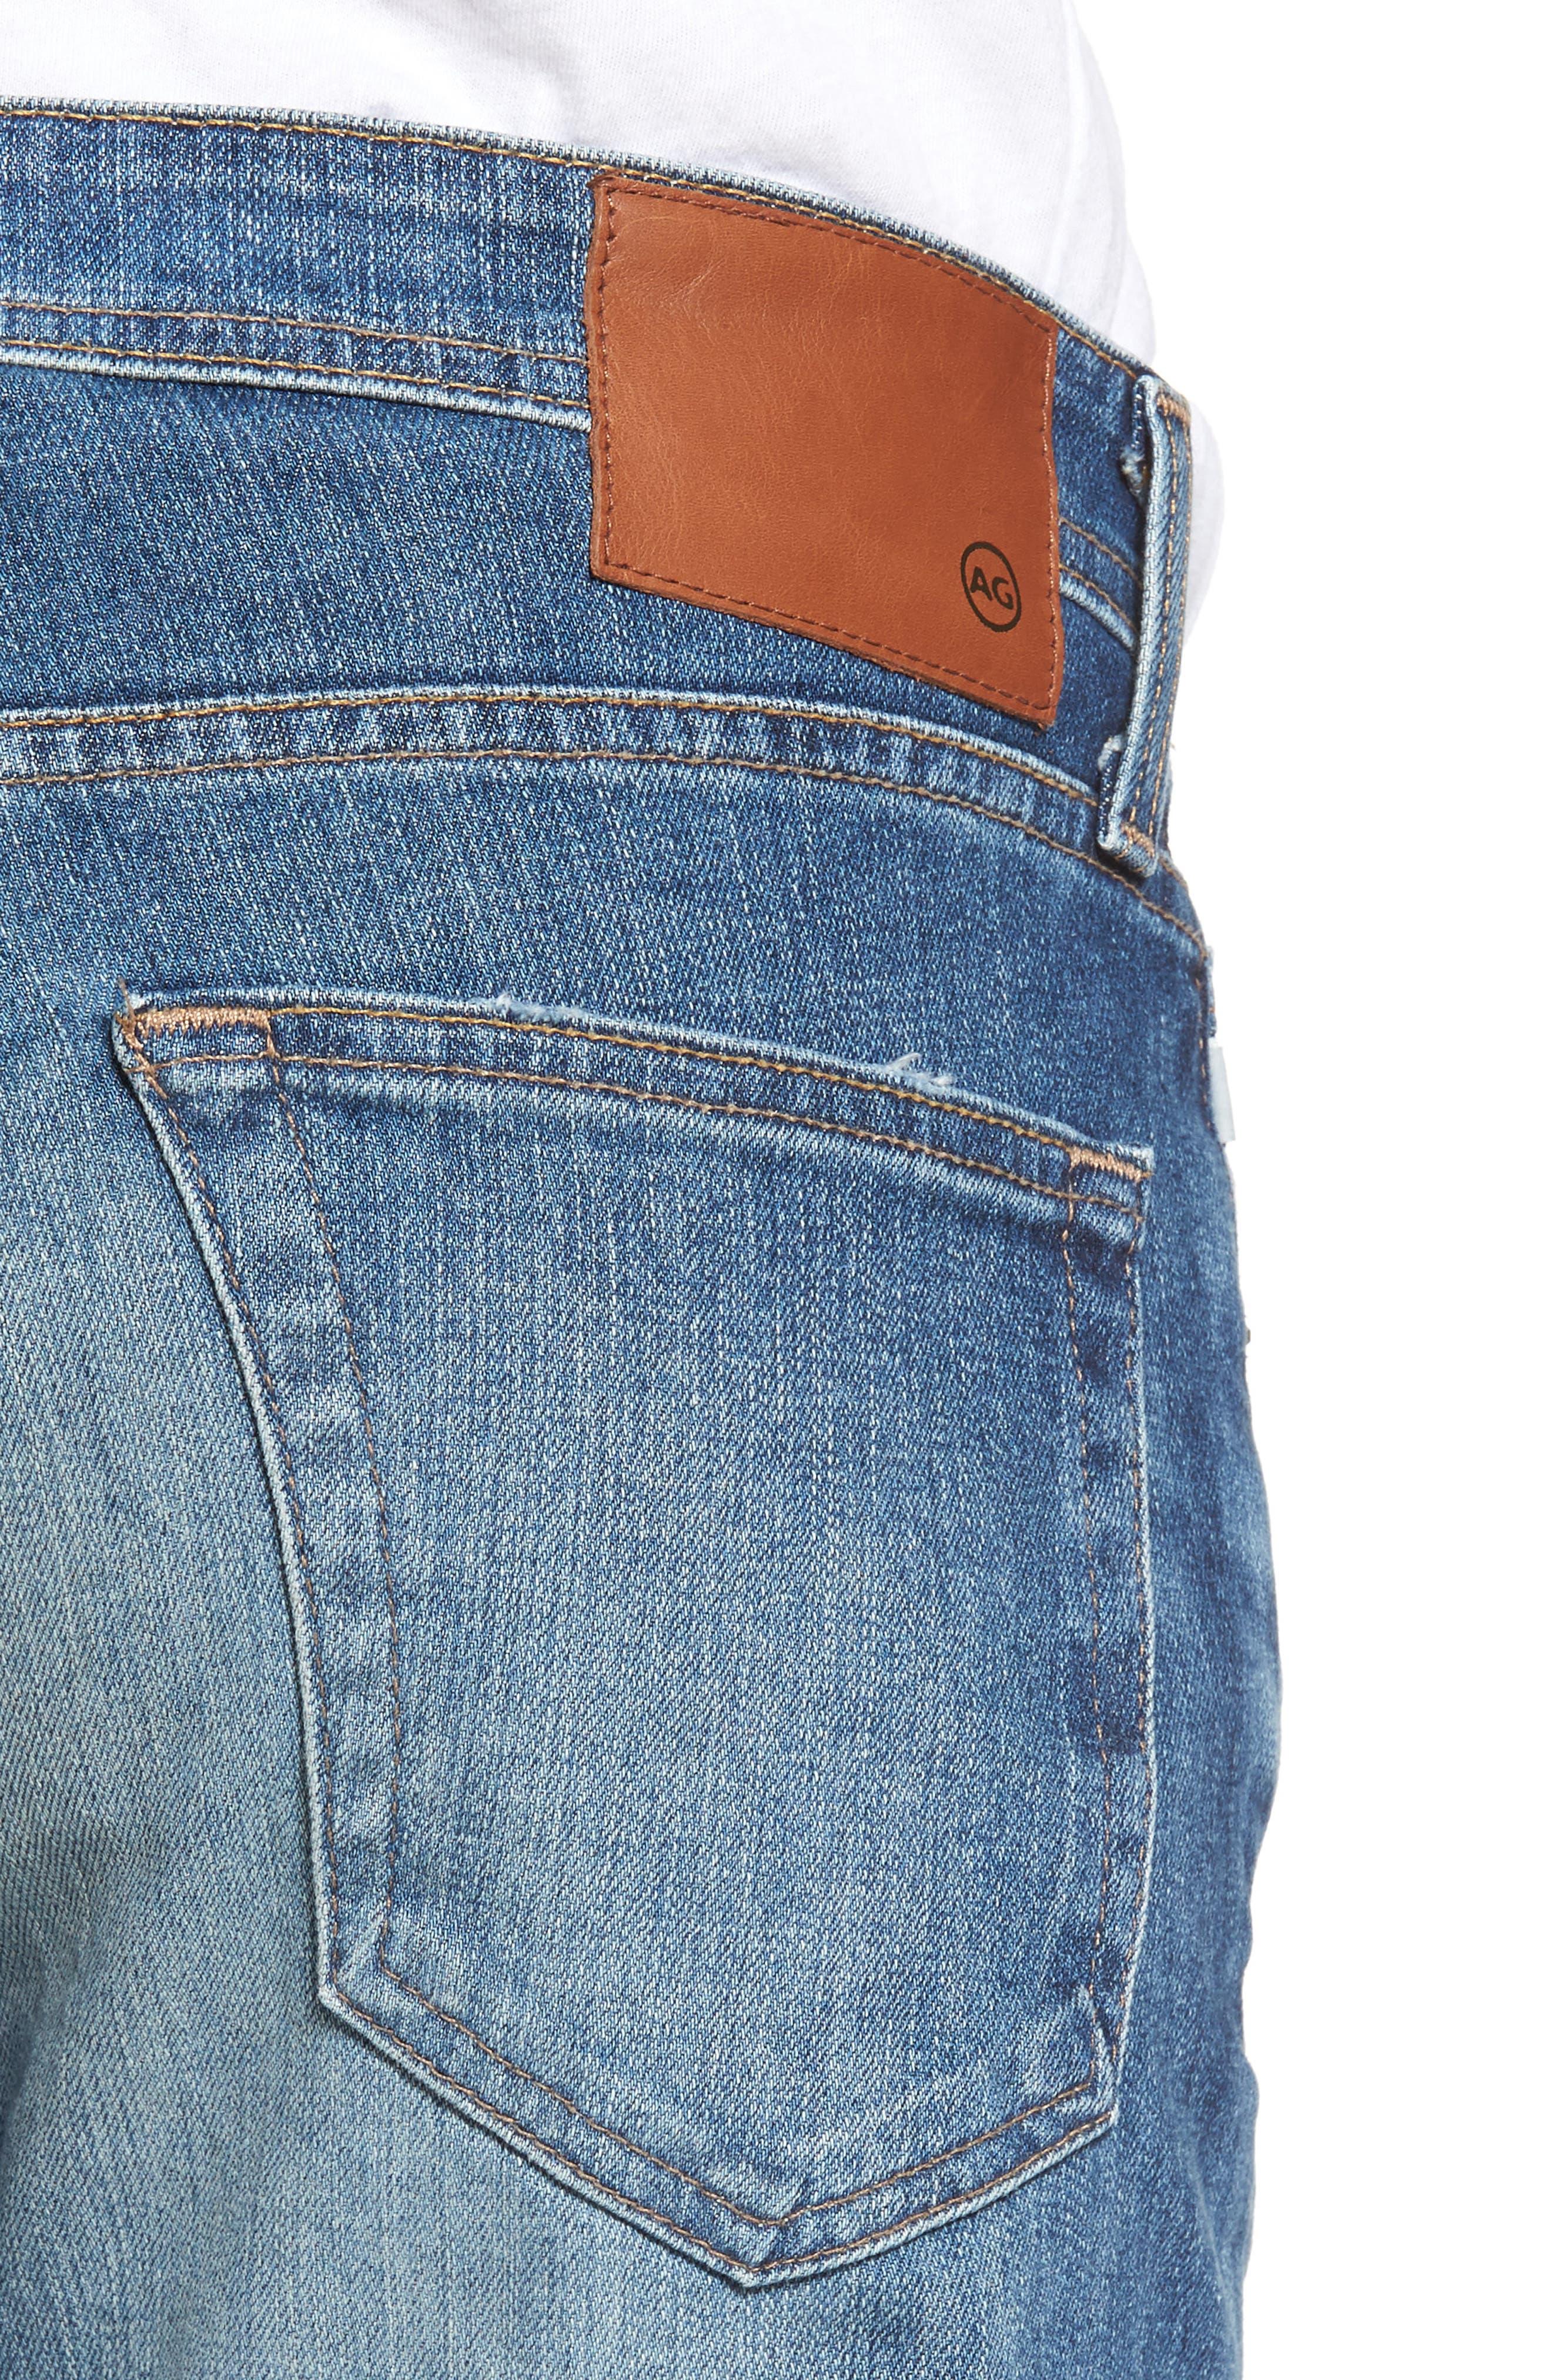 Jeans Stockton Skinny Fit Jeans,                             Alternate thumbnail 4, color,                             427